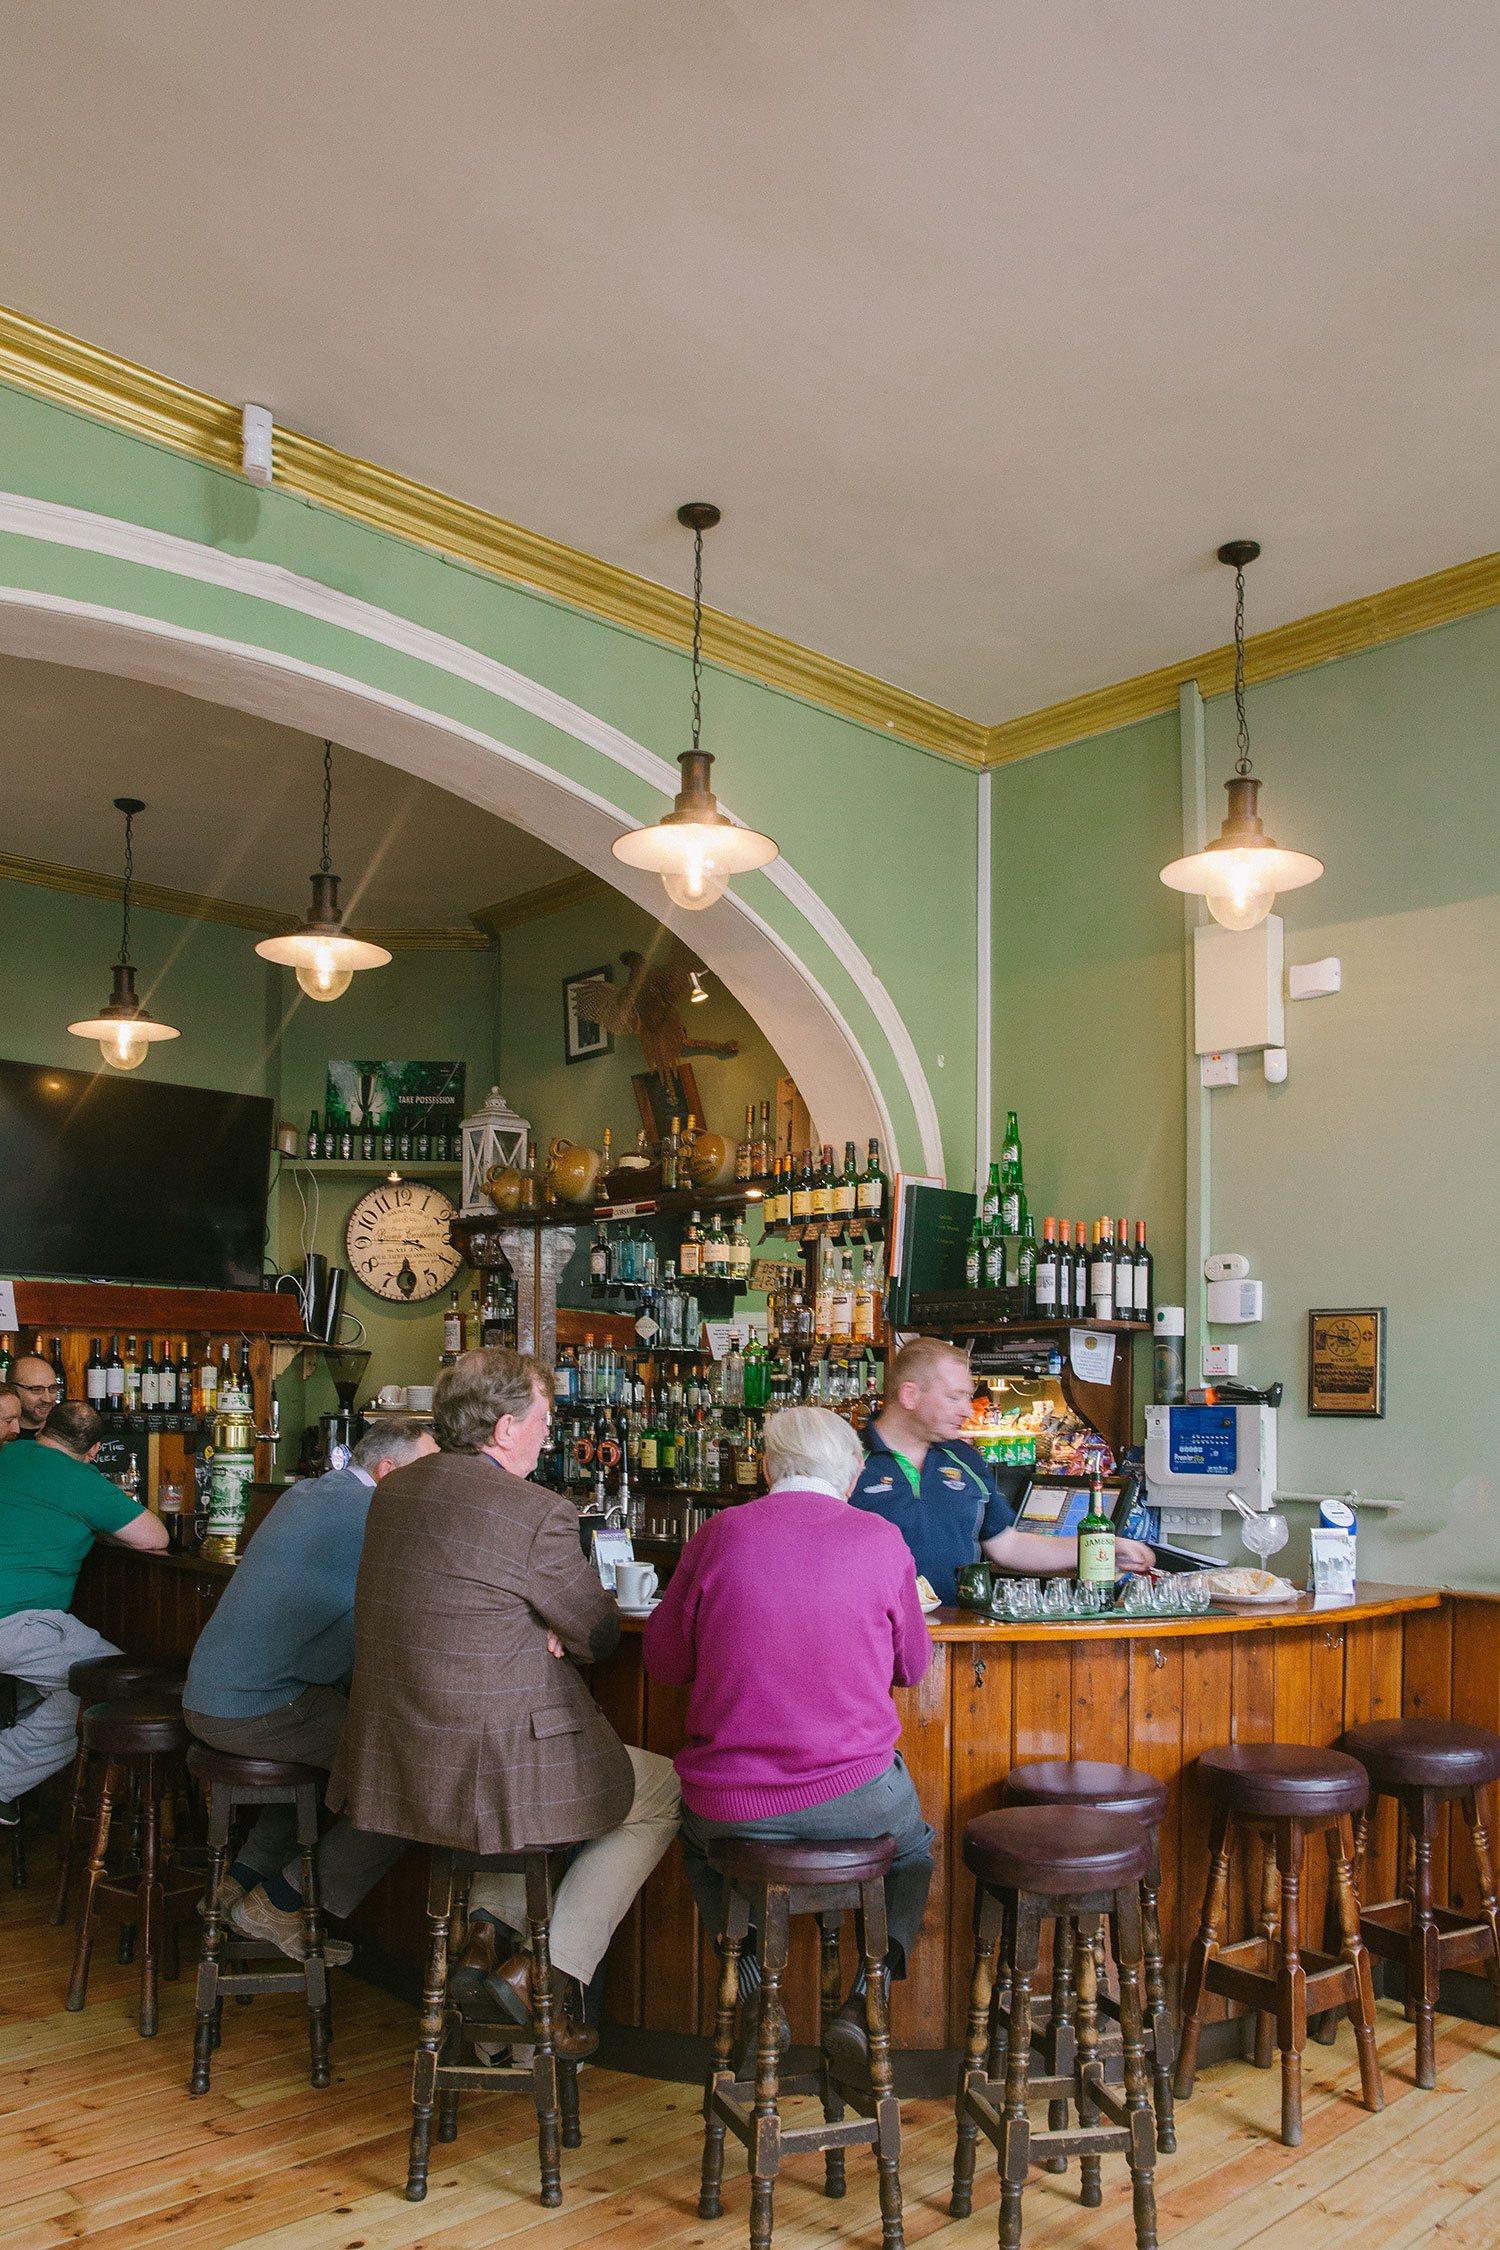 traditonal irish pub in enniscorthy in county wexford ireland